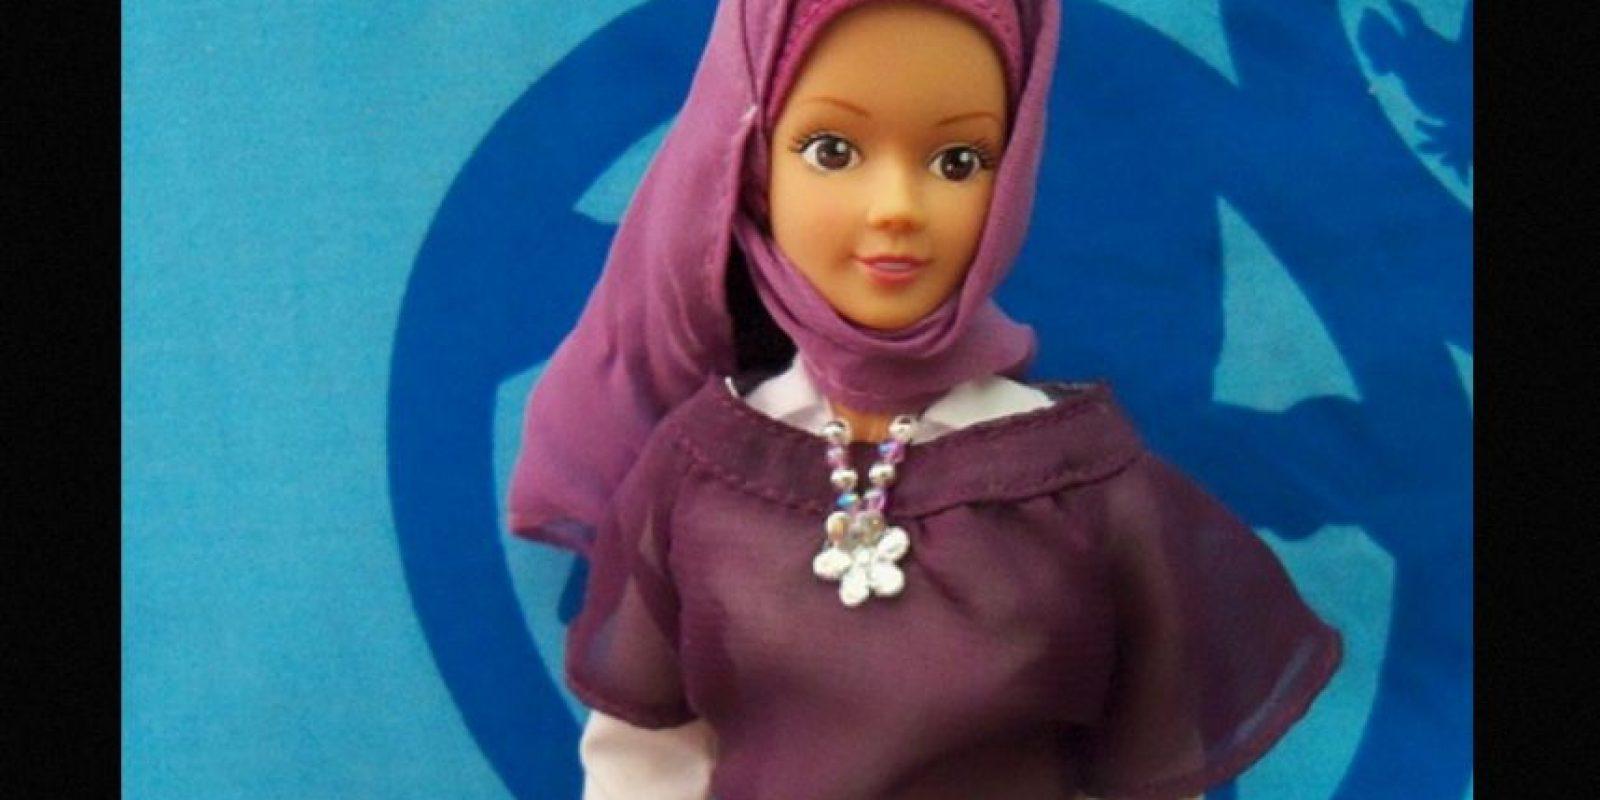 Fulla no tiene novio, ya que los musulmanes no creen en las relaciones fuera del matrimonio. Foto:Fulla